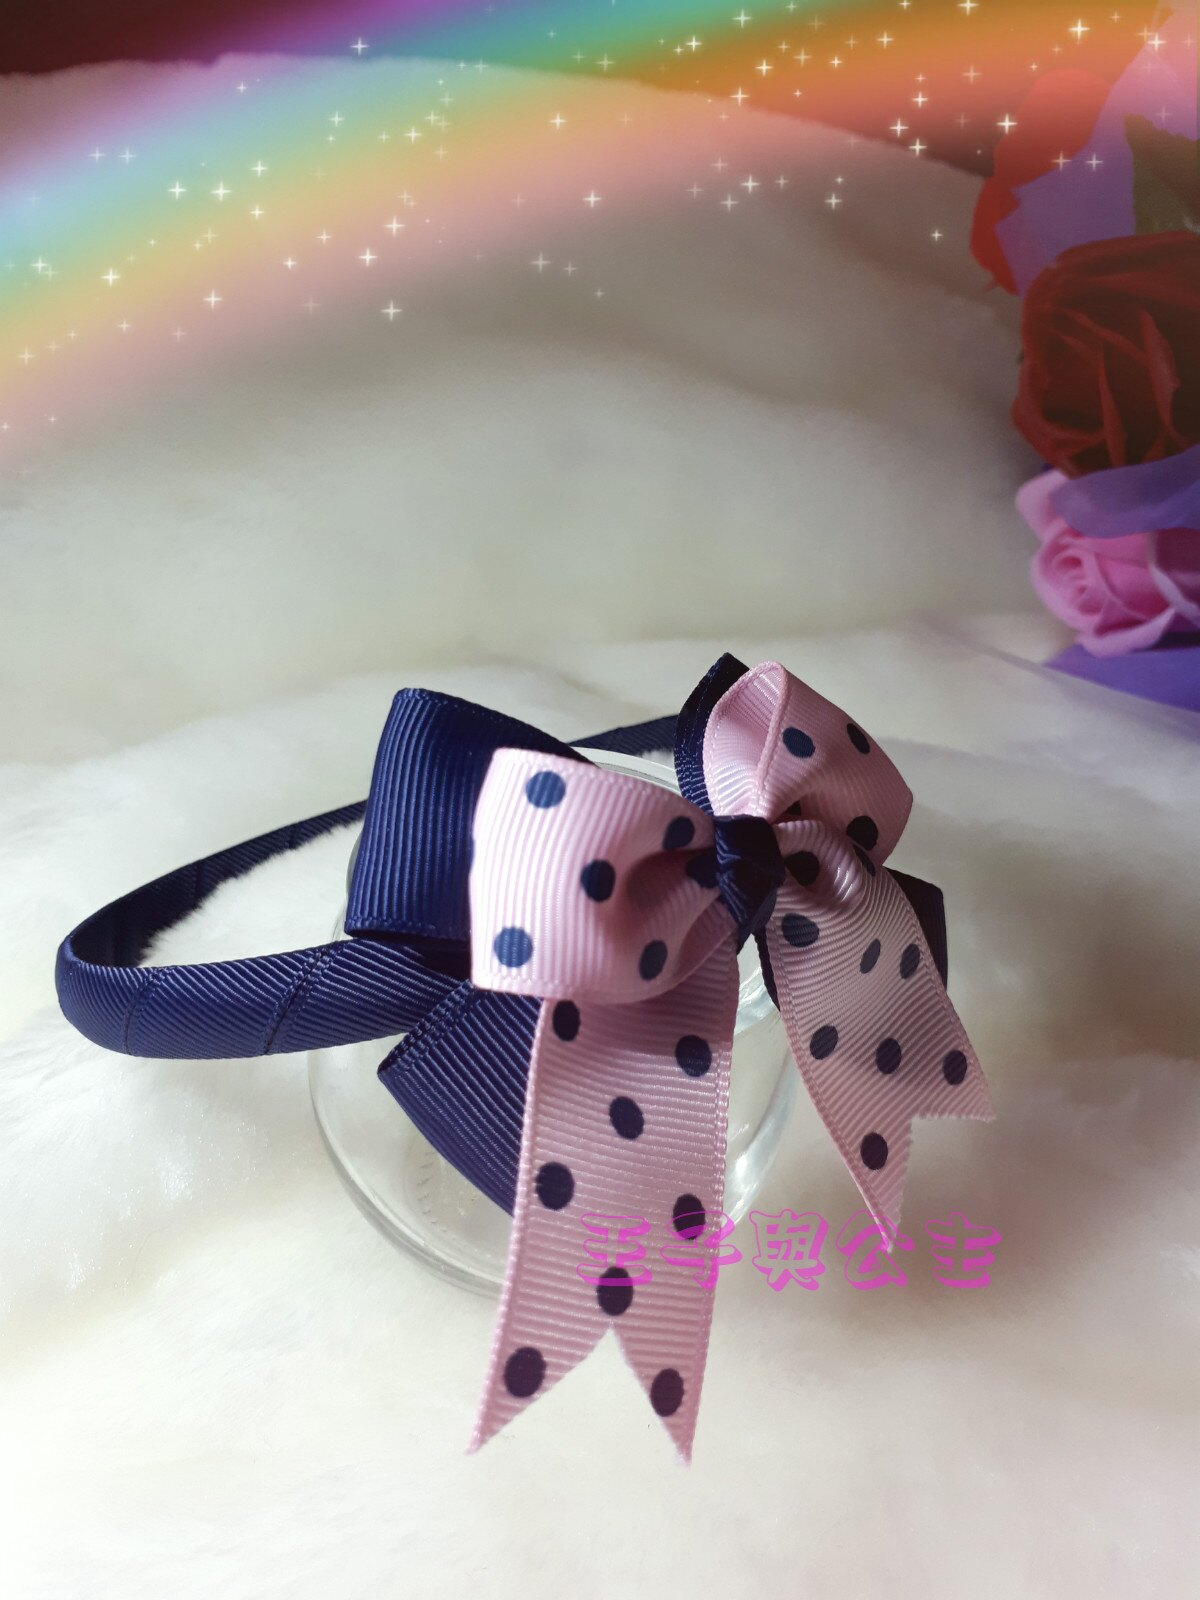 兒童髮箍 布藝雙層蝴蝶結髮箍~~深藍粉色藍點款AA013 ~~~~~ 日韓  髮飾  髮帶